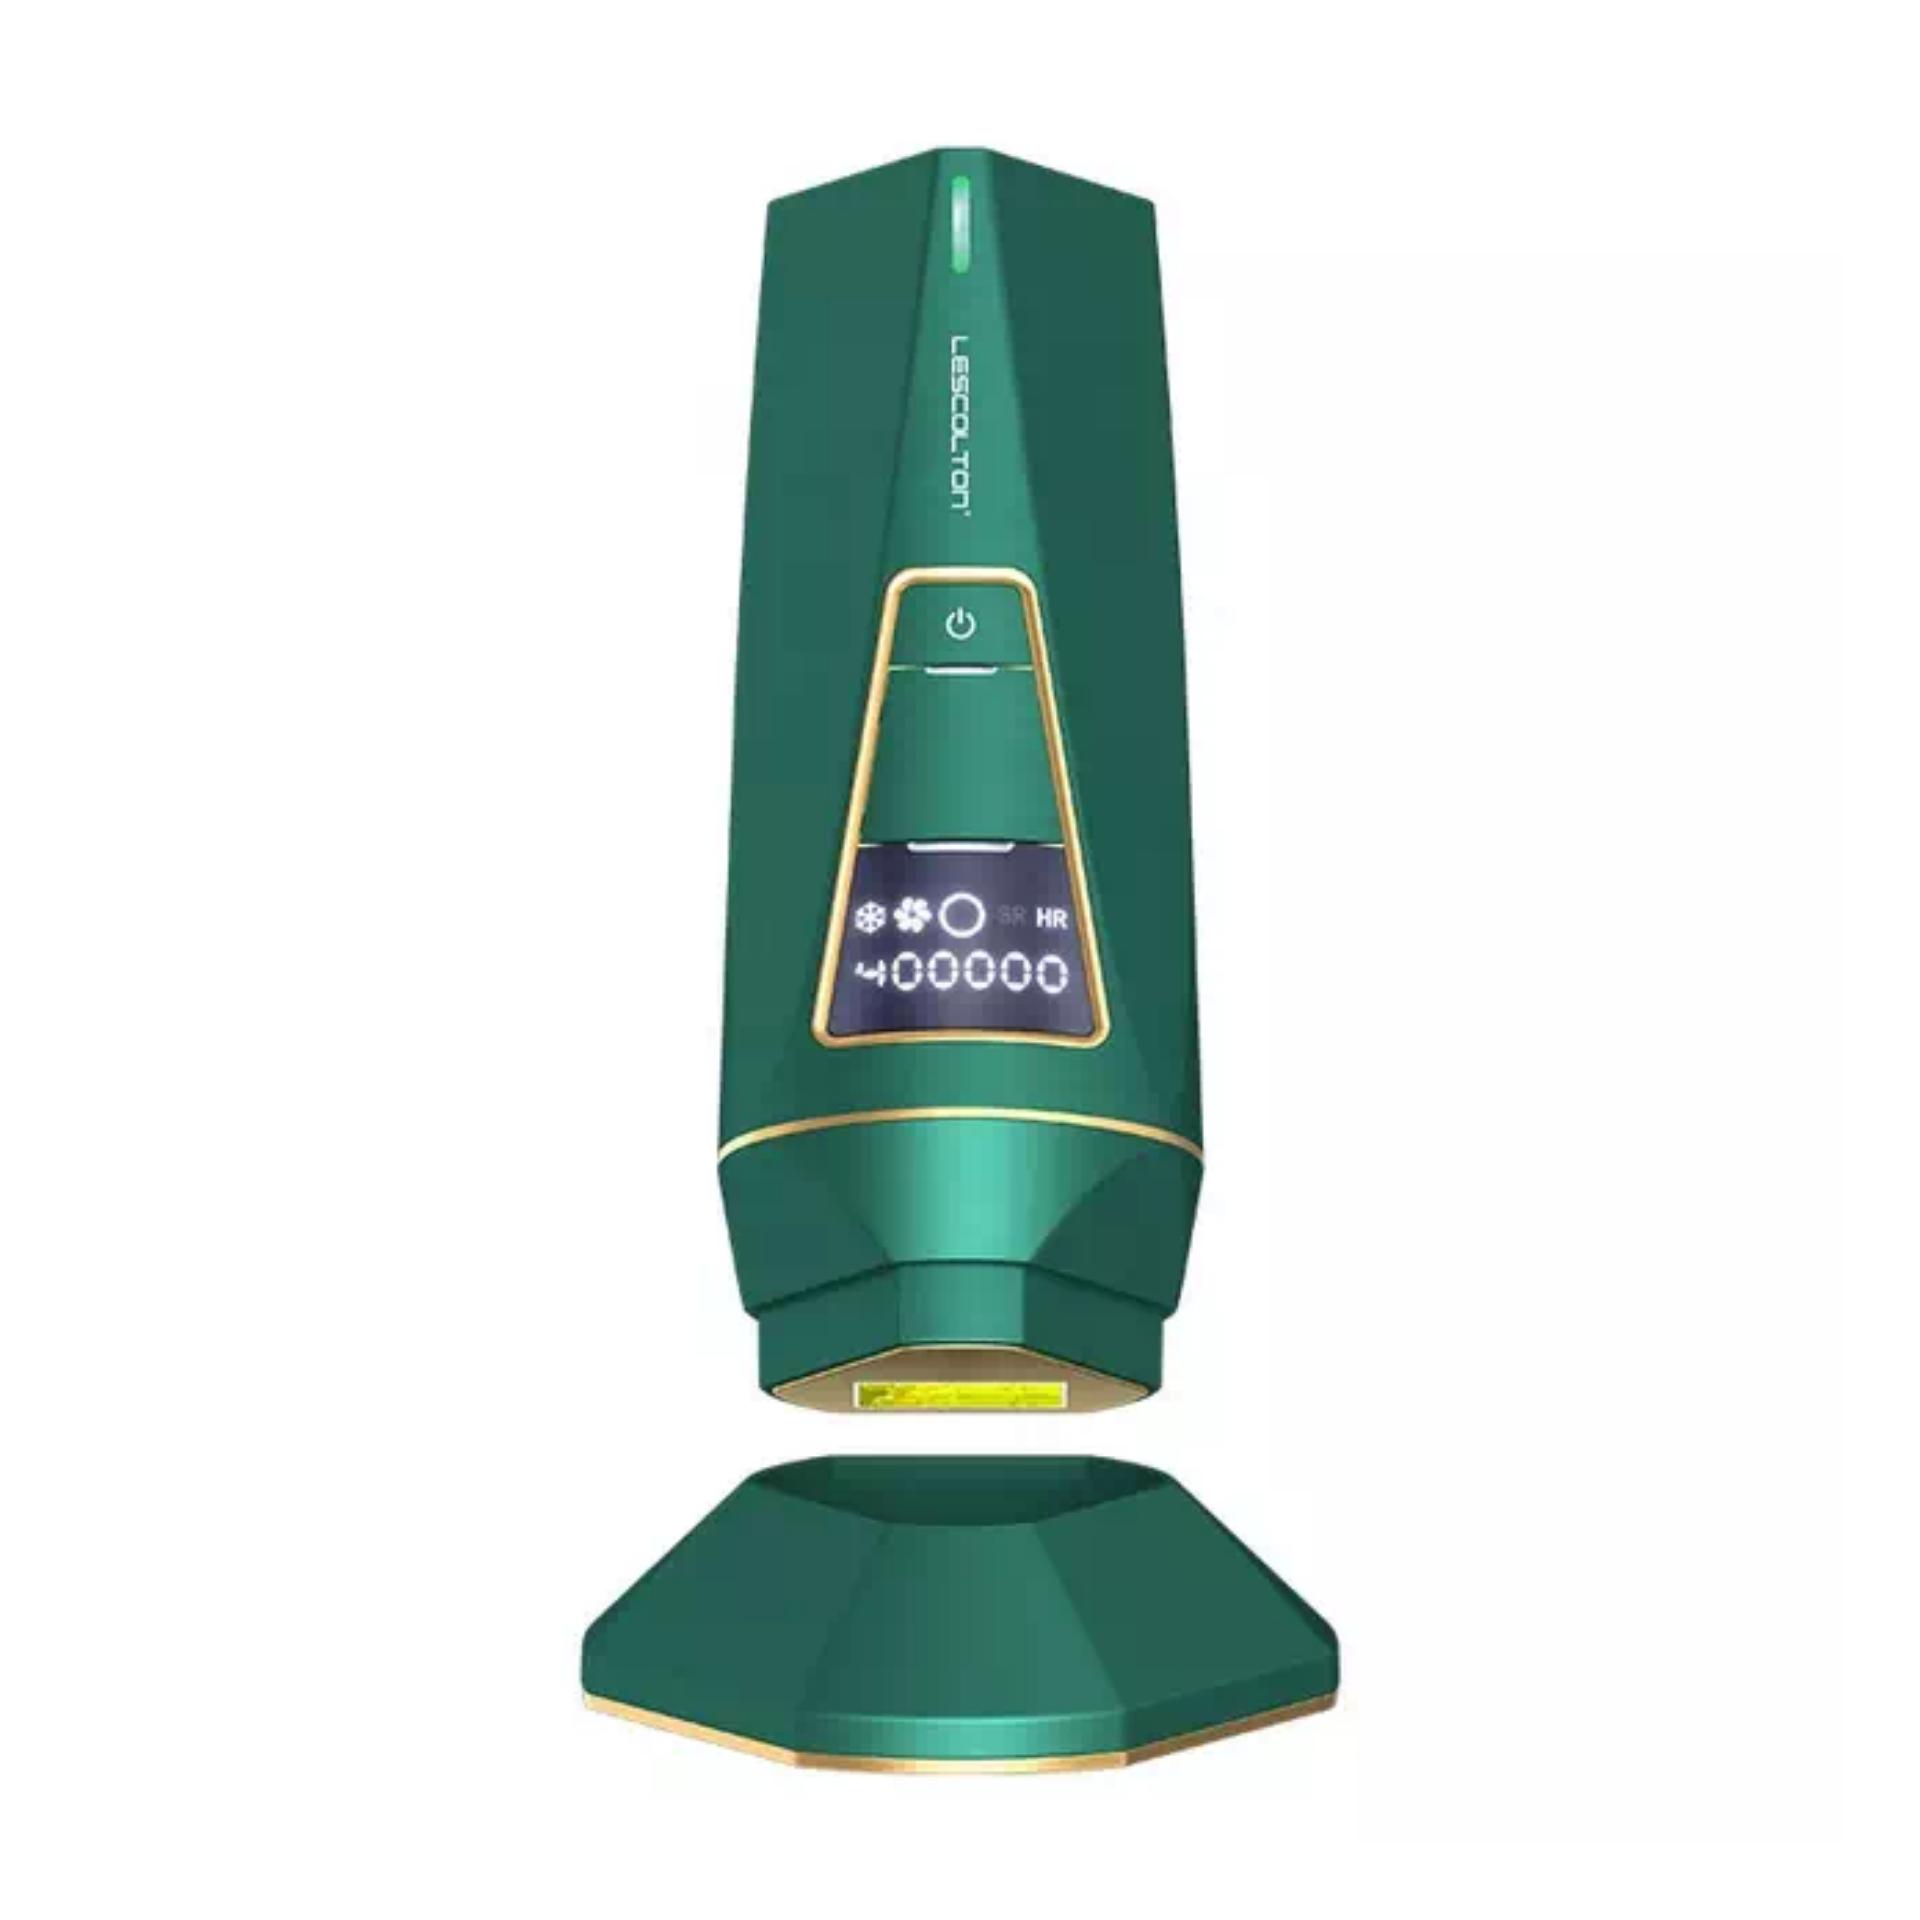 لیزر موهای زائد لسکلتون مدل T015C